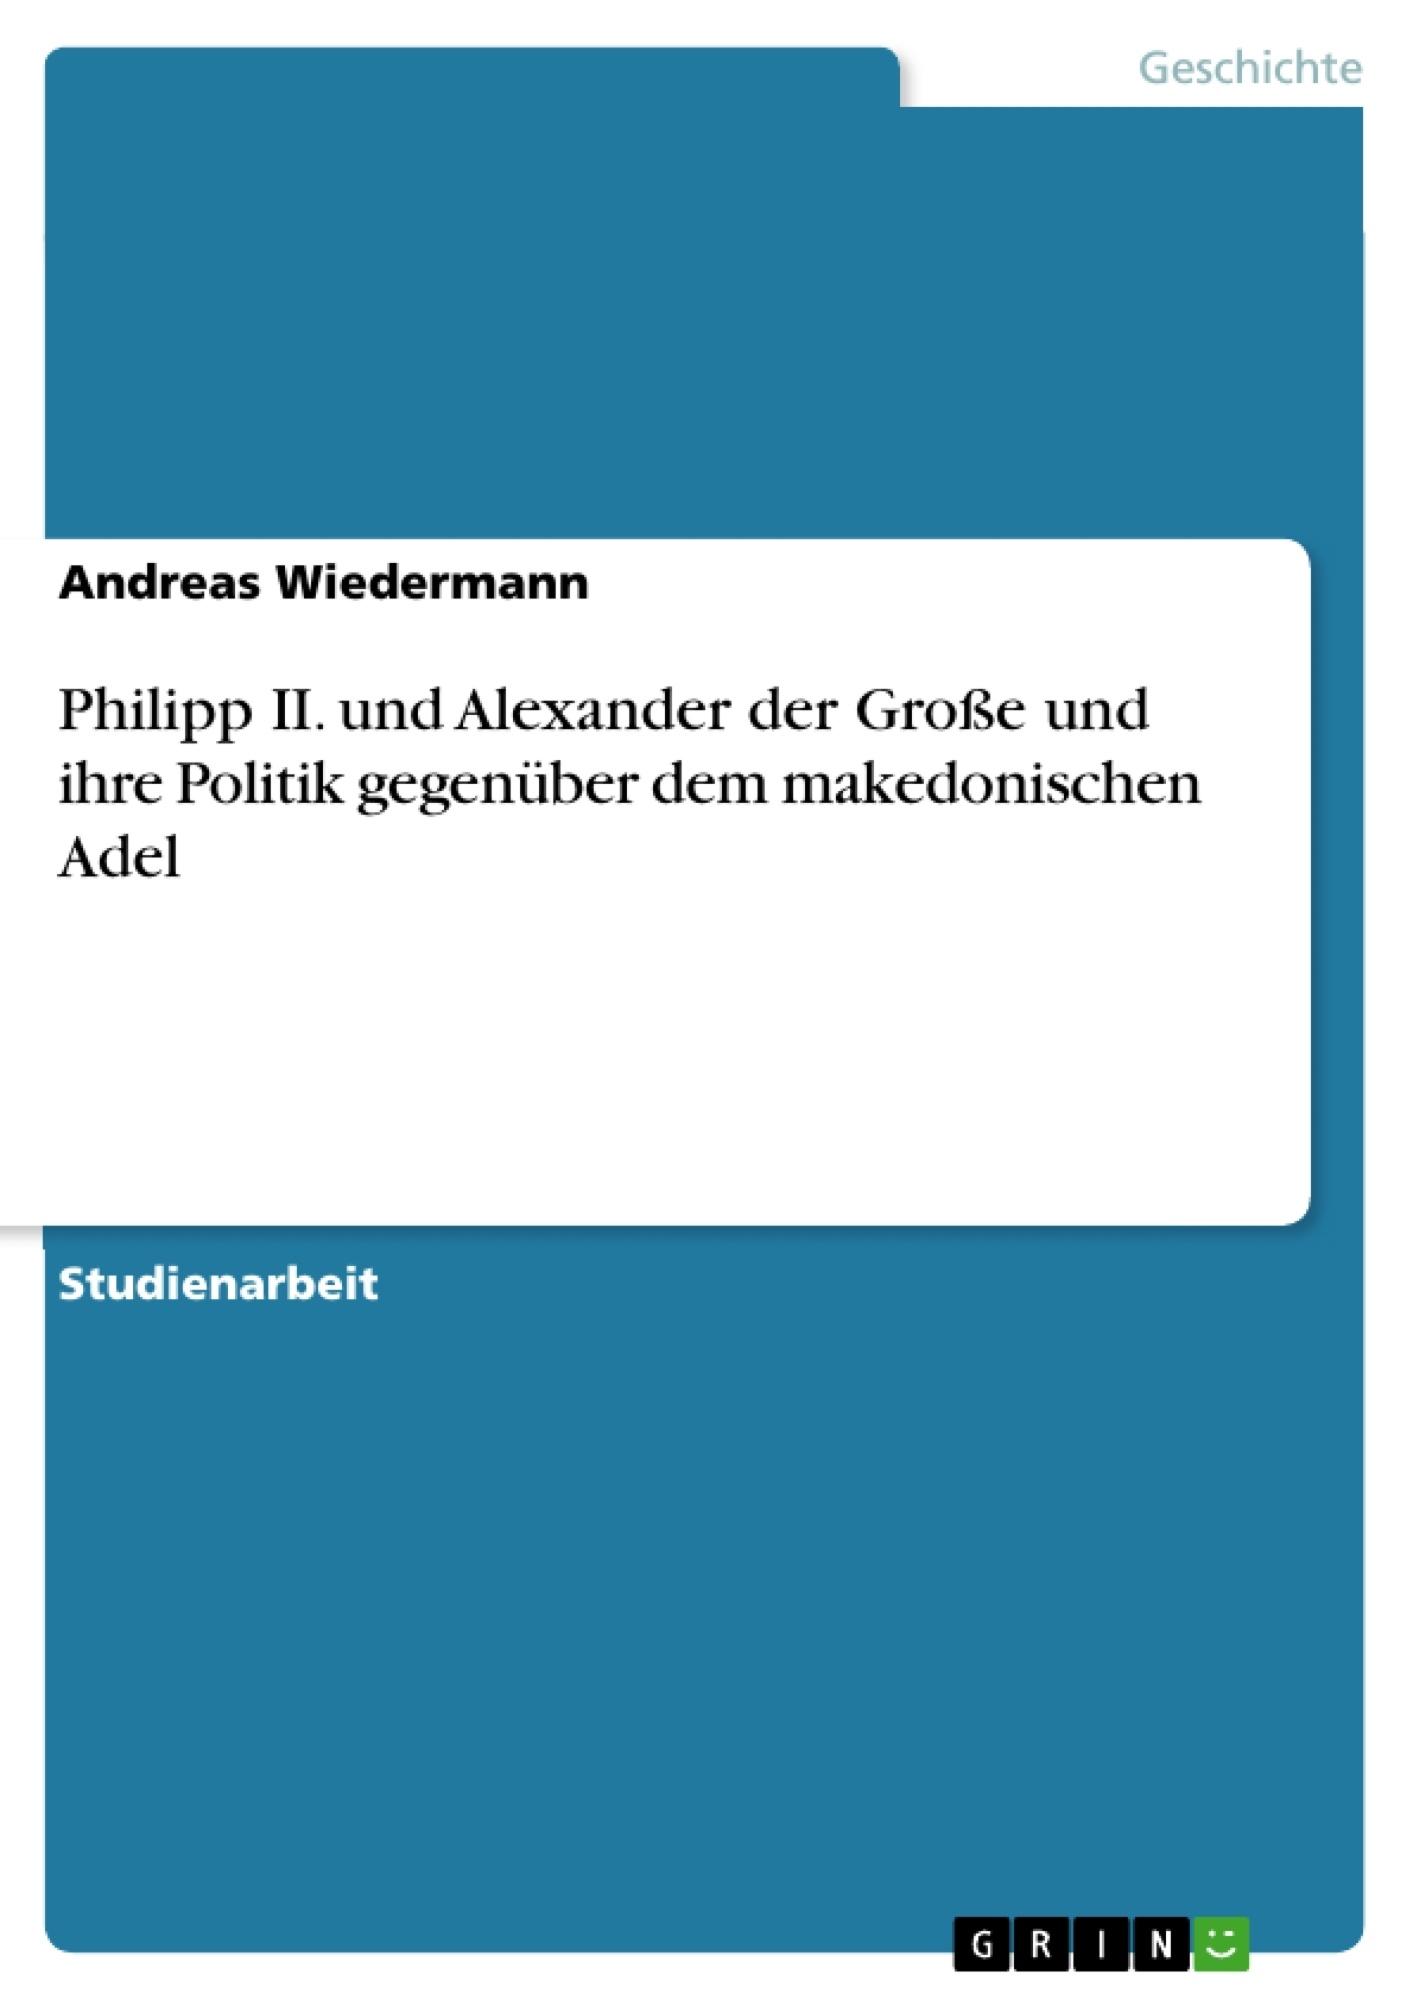 Titel: Philipp II. und Alexander der Große und ihre Politik gegenüber dem makedonischen Adel